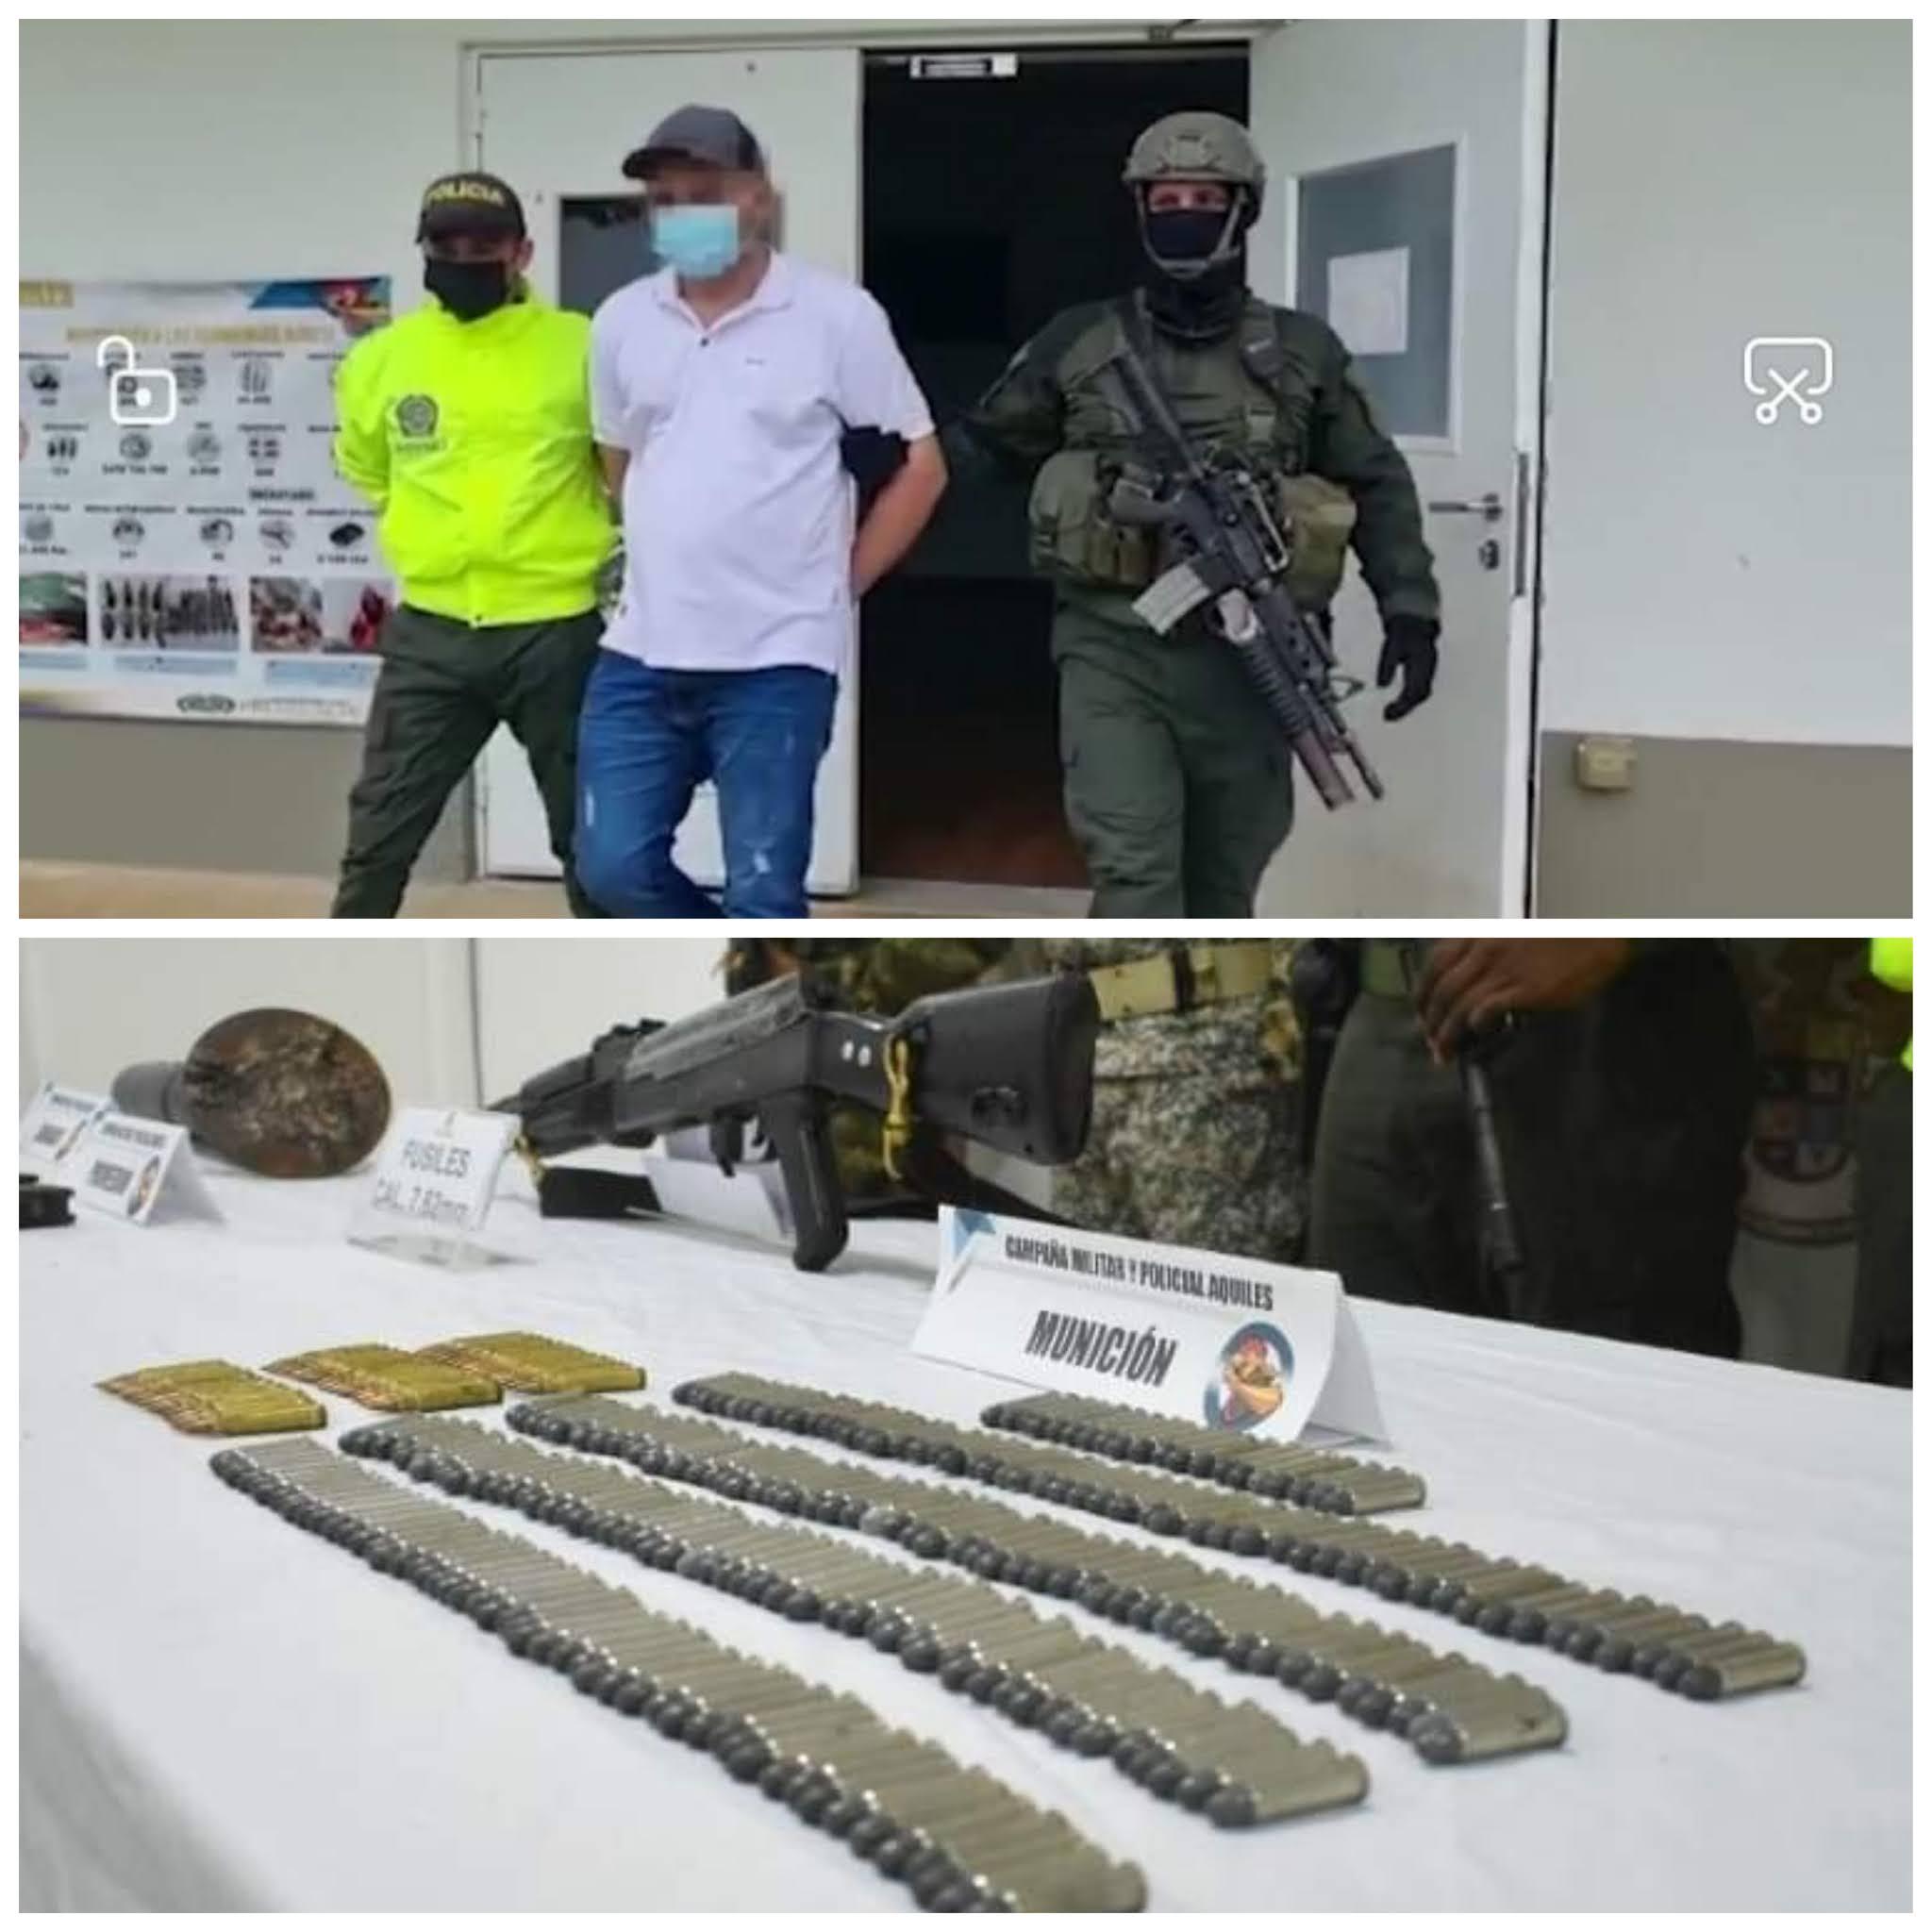 Presunto integrante del grupo armado organizado los caparros se entregó en Cáceres